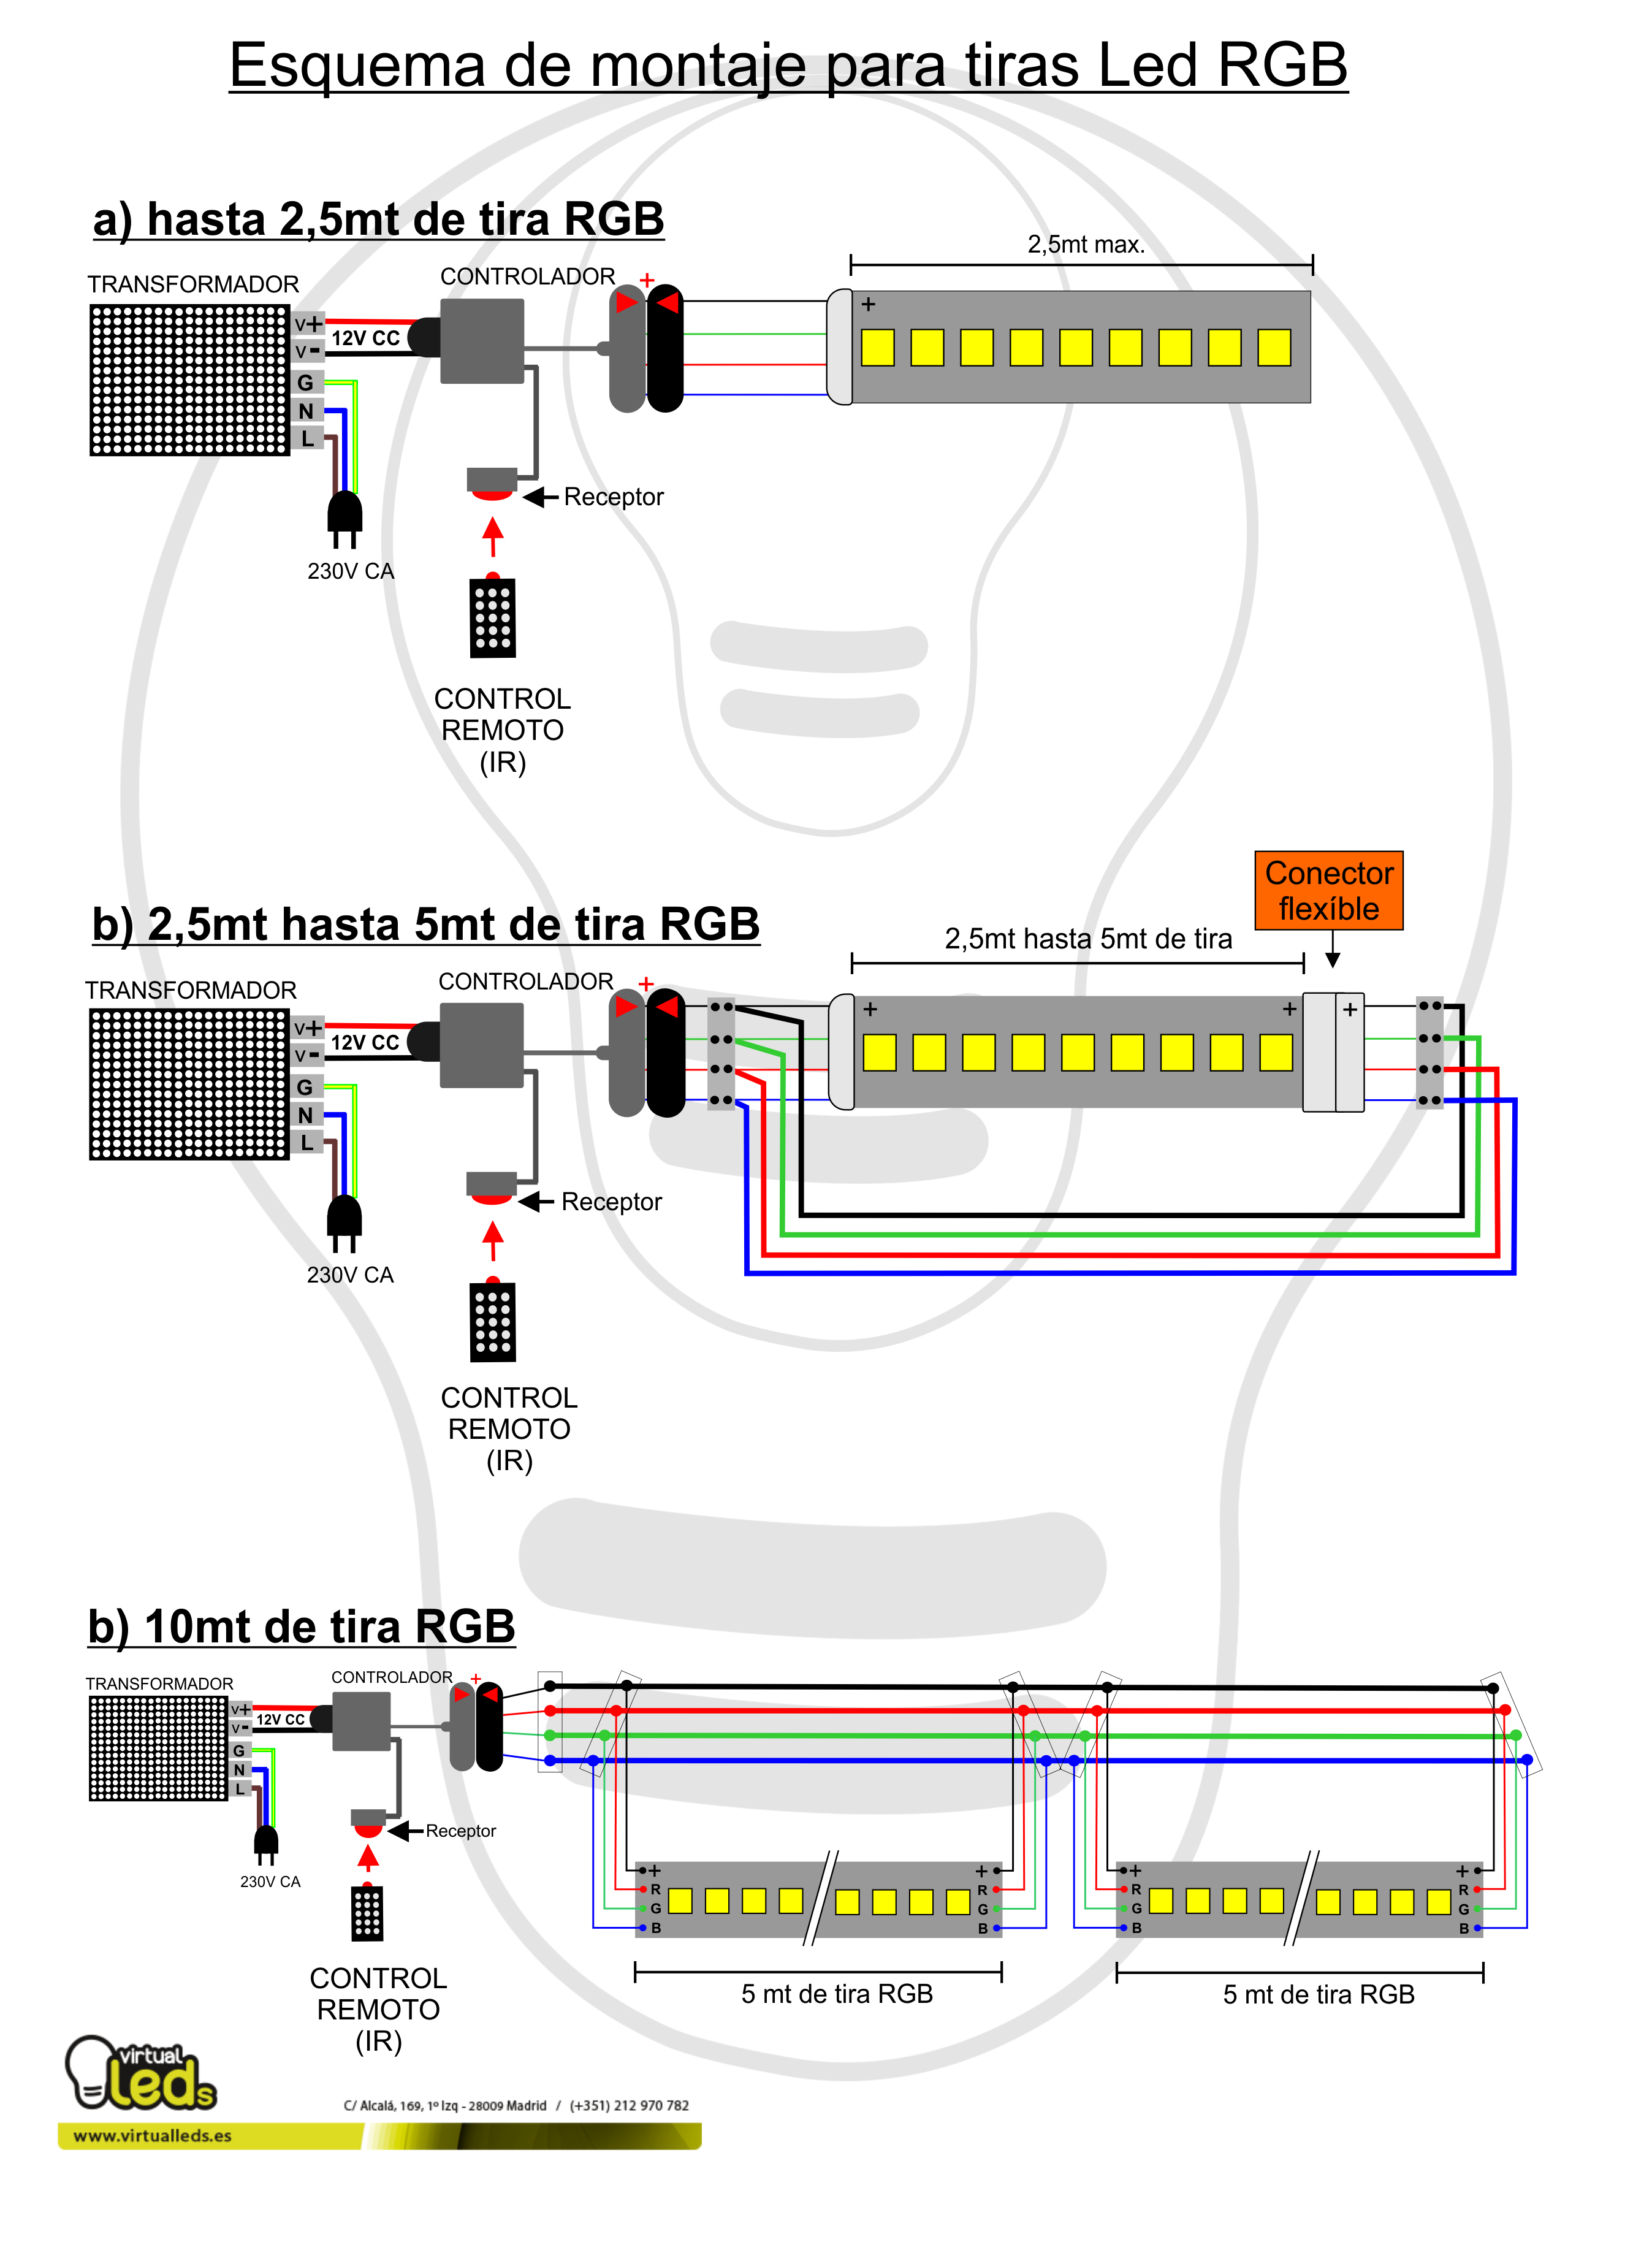 Esquema-de-montaje-para-tiras-led-RGB